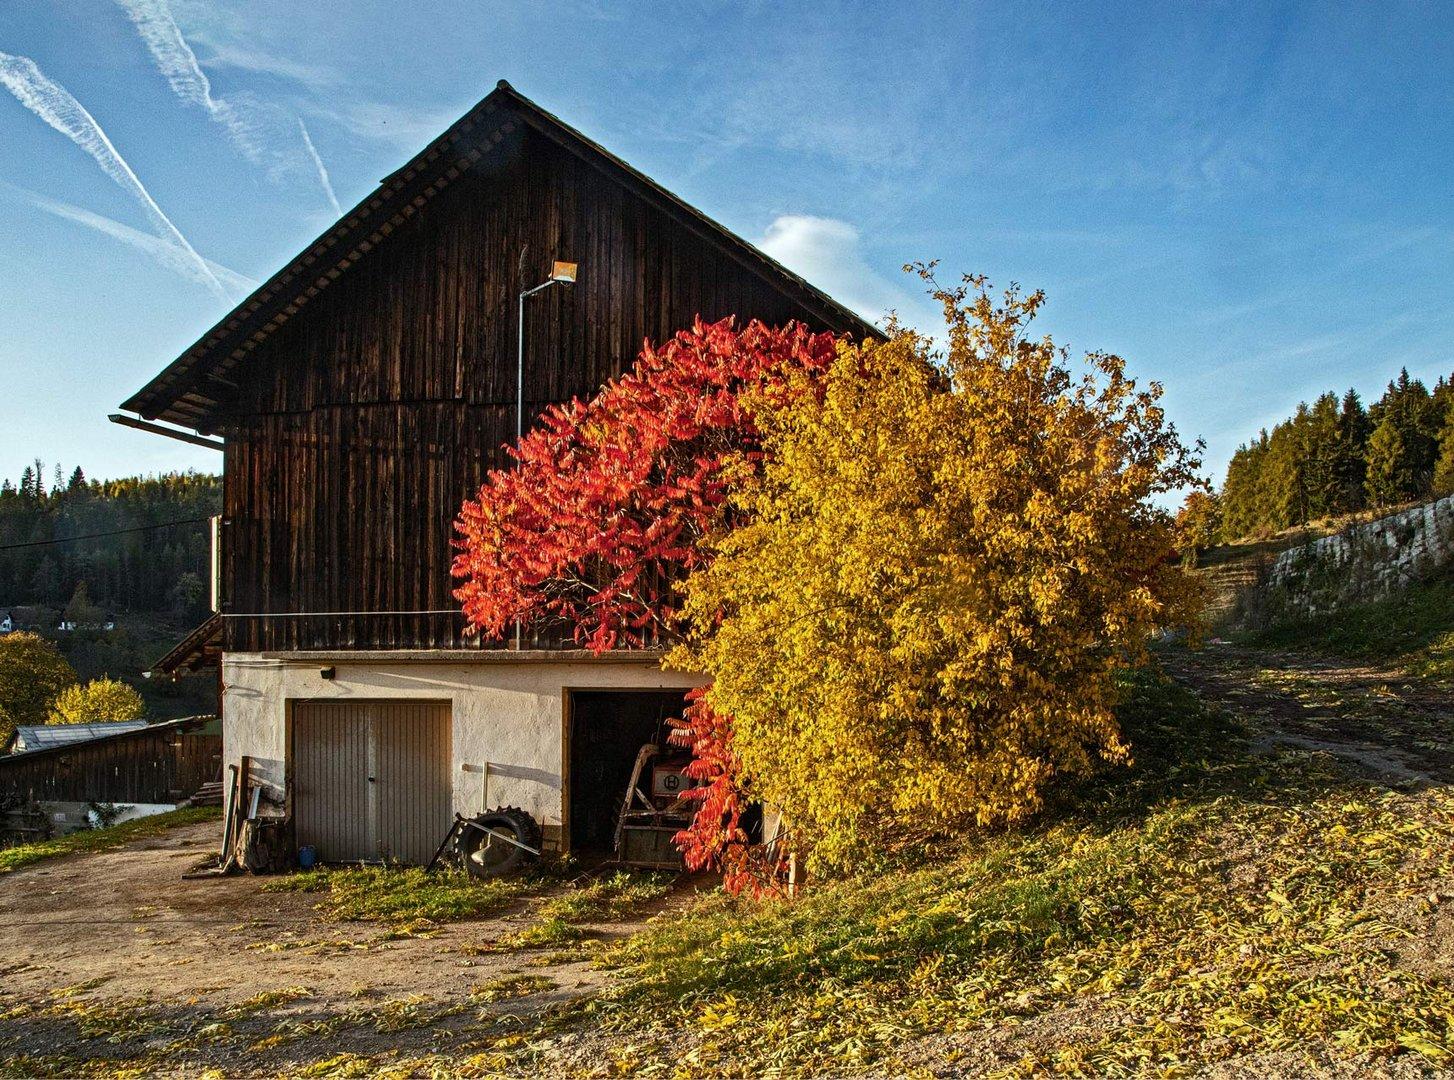 Bauernschuppen im leuchtendem Herbstgewand